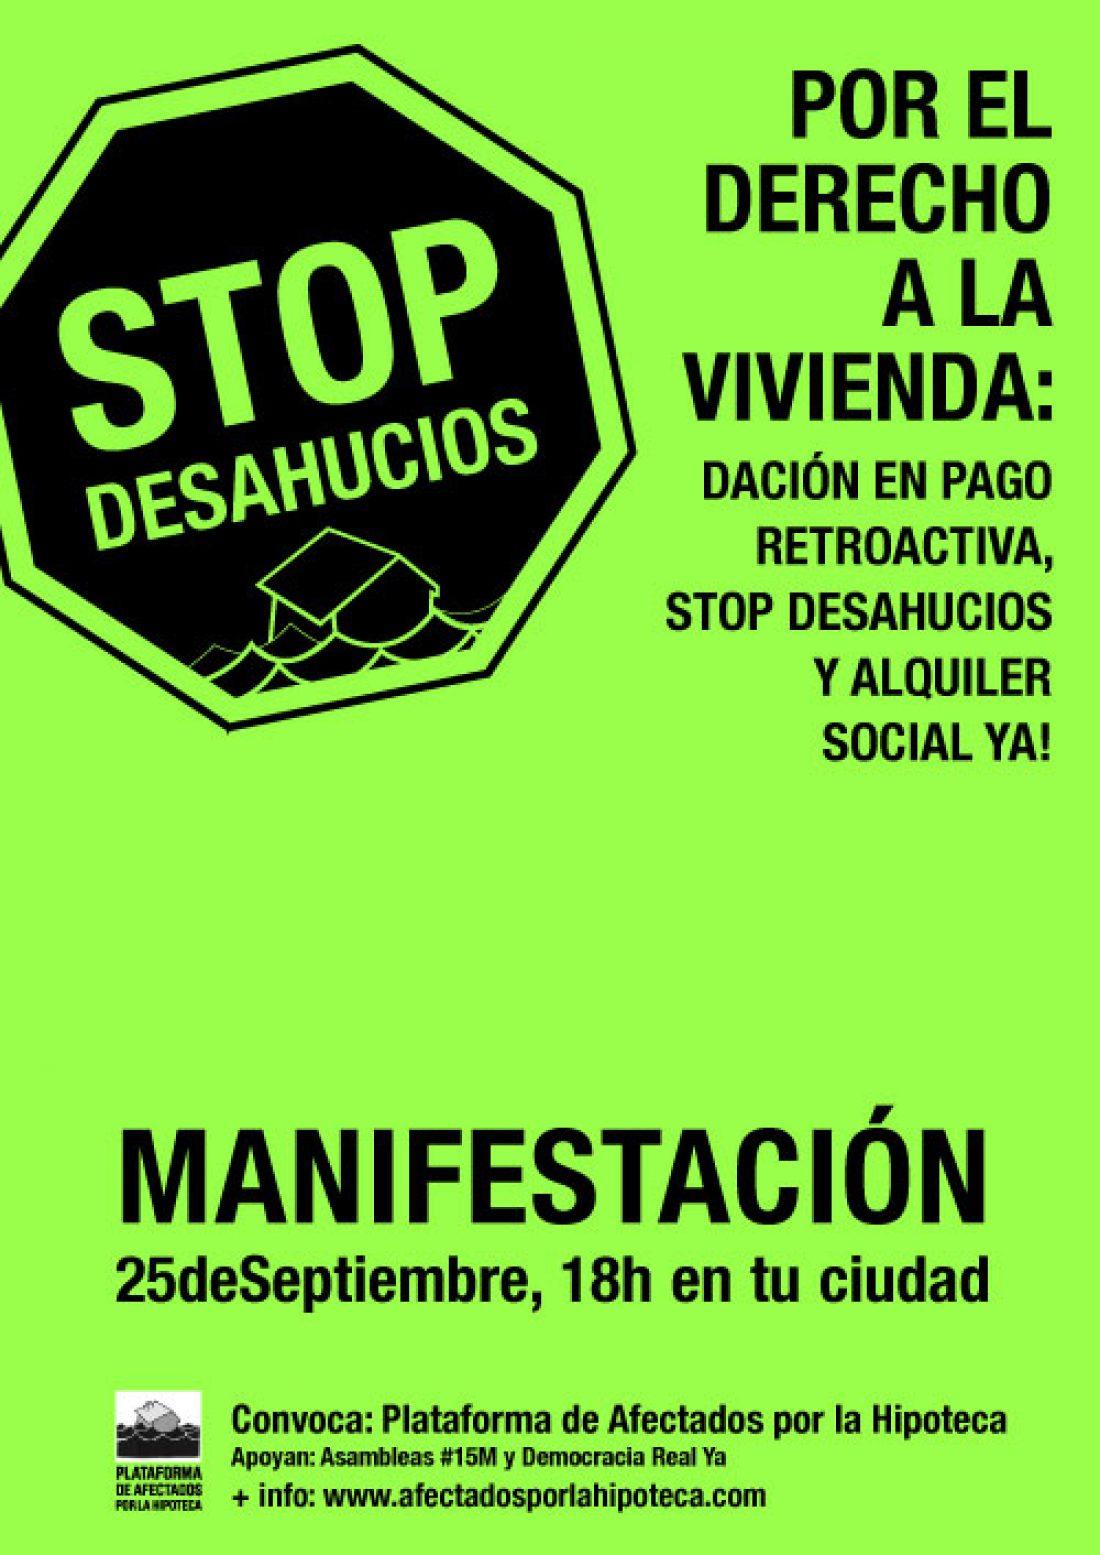 CGT con las movilizaciones por el derecho a la vivienda y contra los desahucios